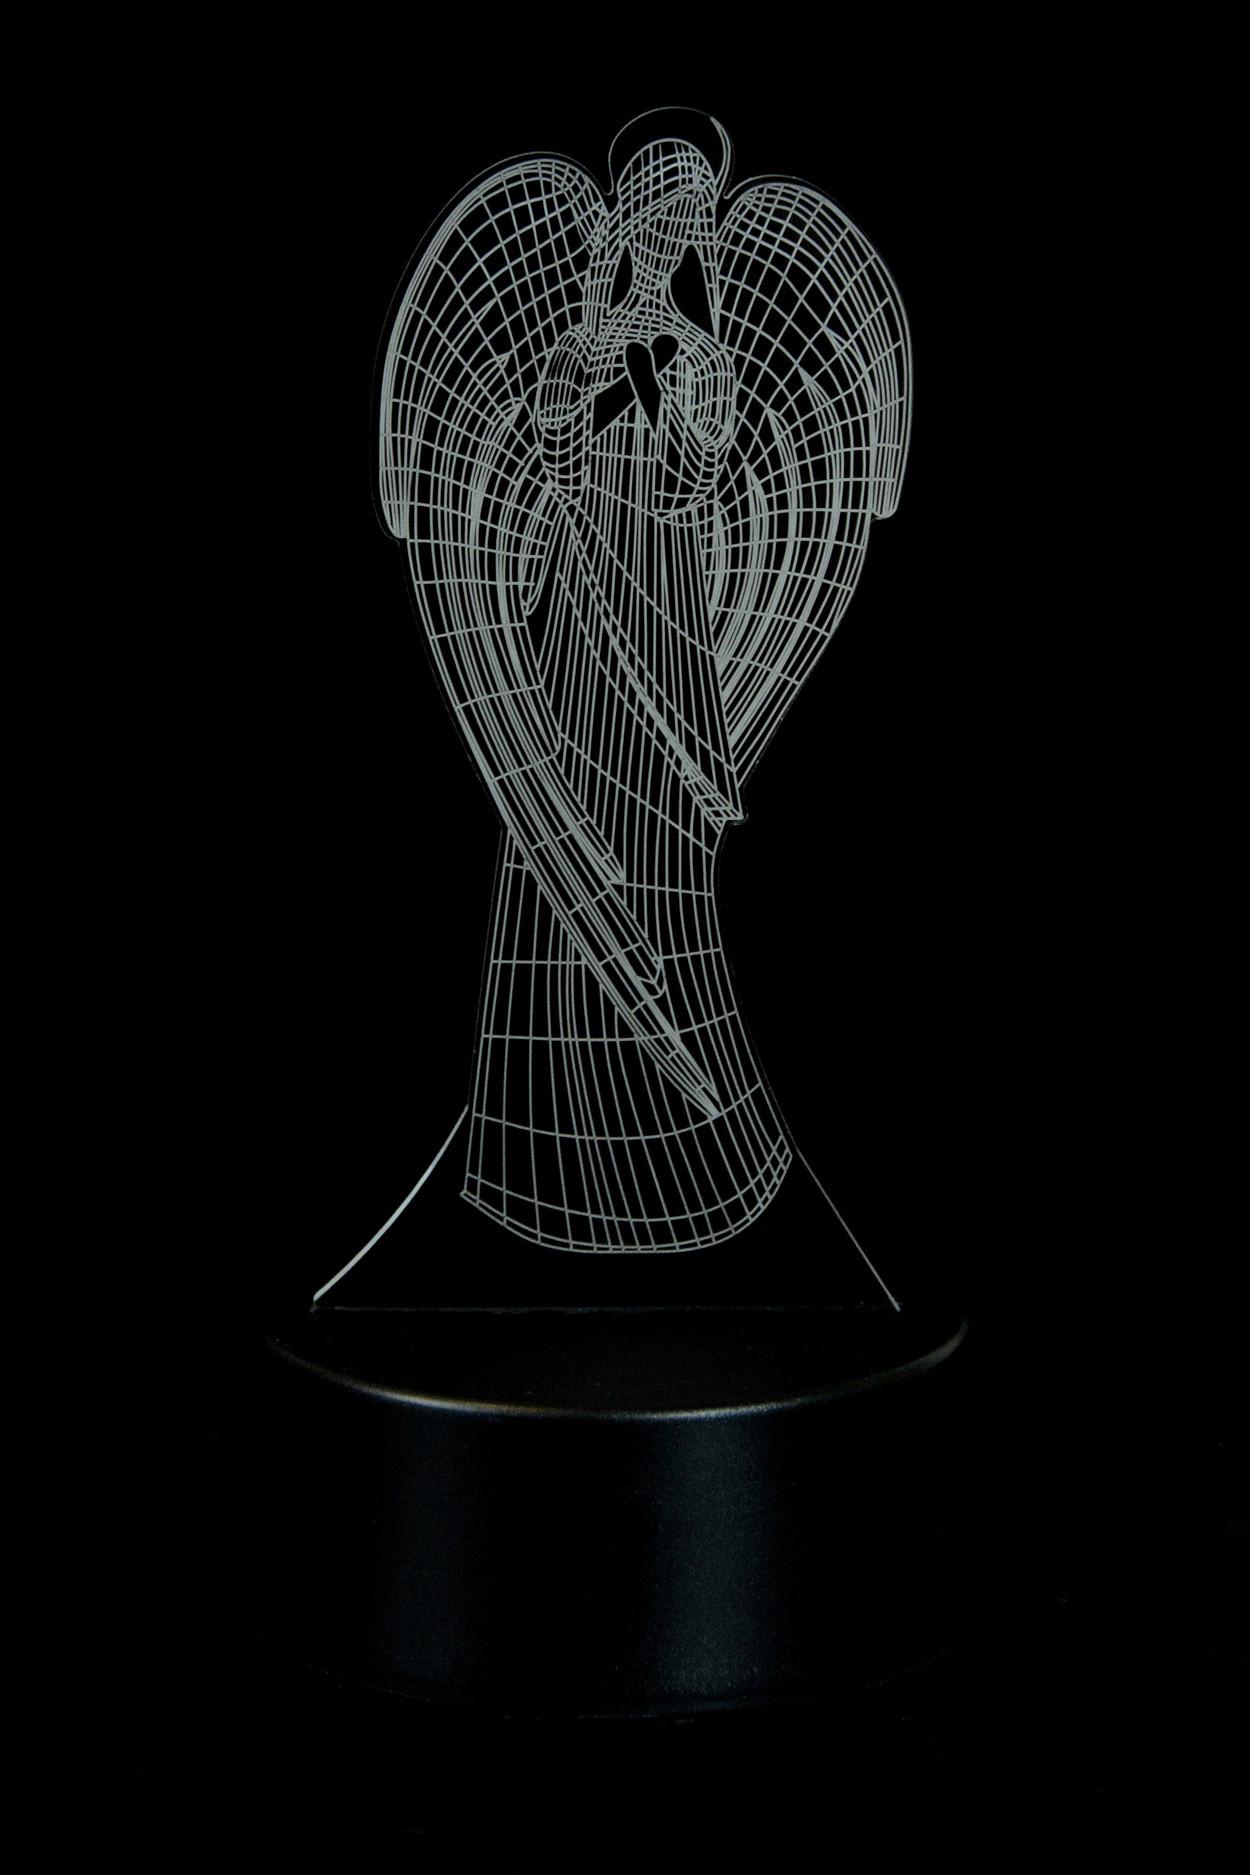 Дополнительная панель для 3D светильника  Ангел